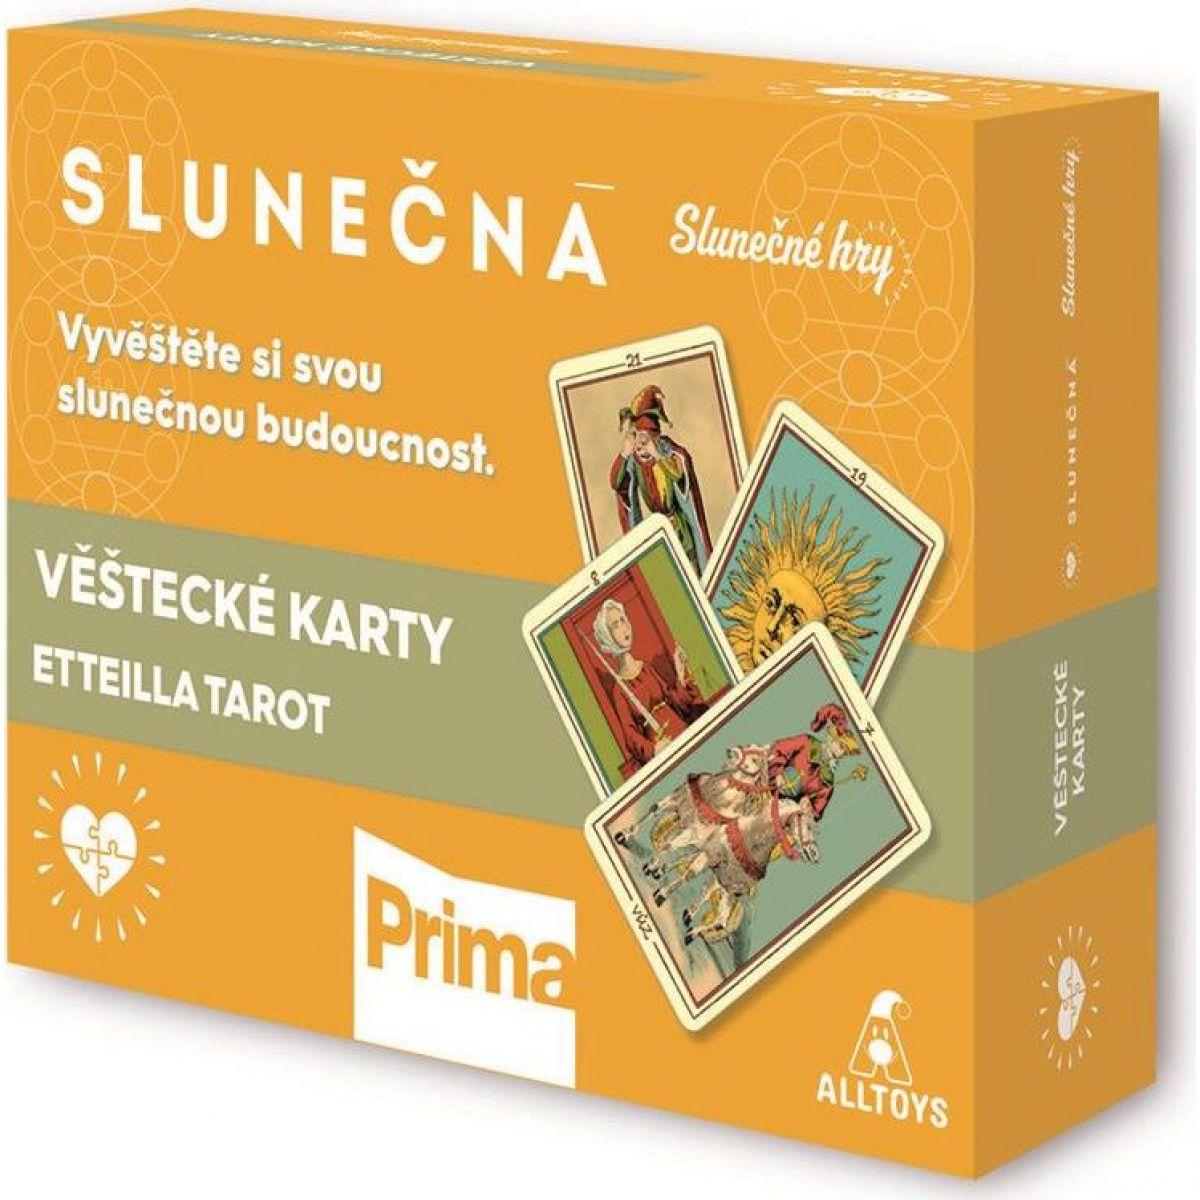 Slunečná - Luxusní věštecké karty